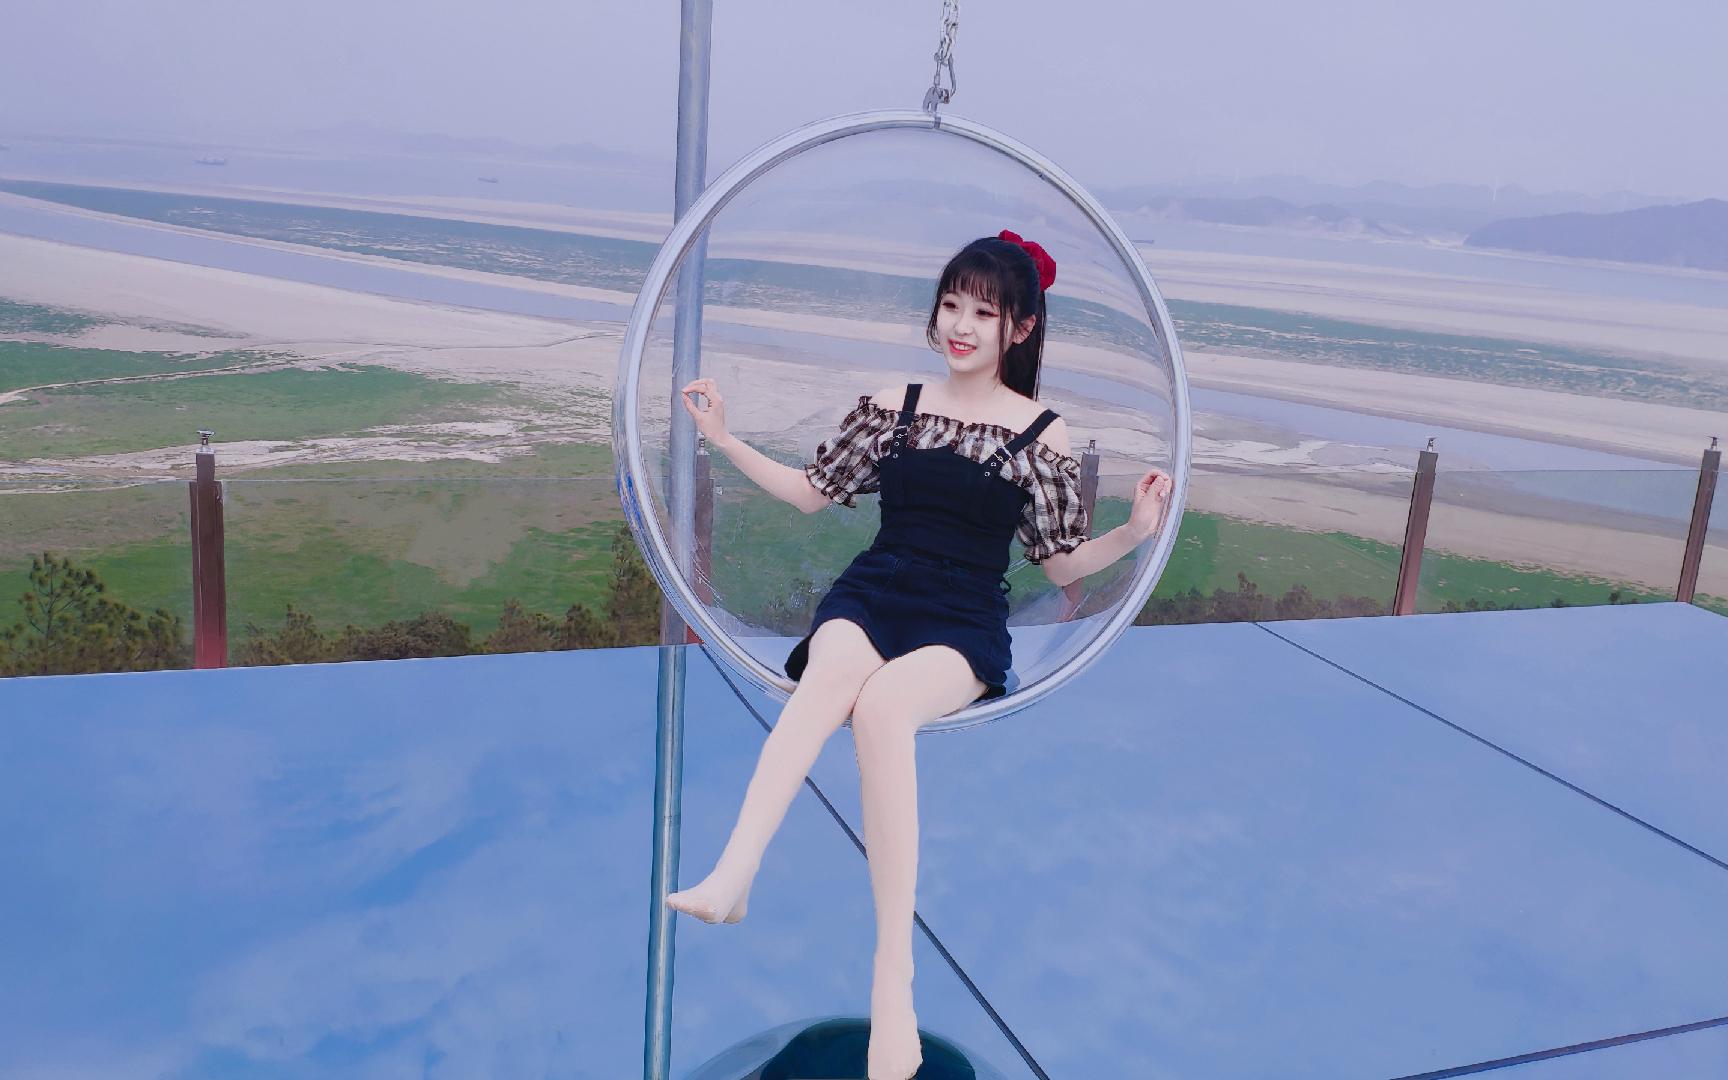 真·天空之镜!几十米高空钢化玻璃上跳舞!I CAN T STOP ME【韩舞初试】